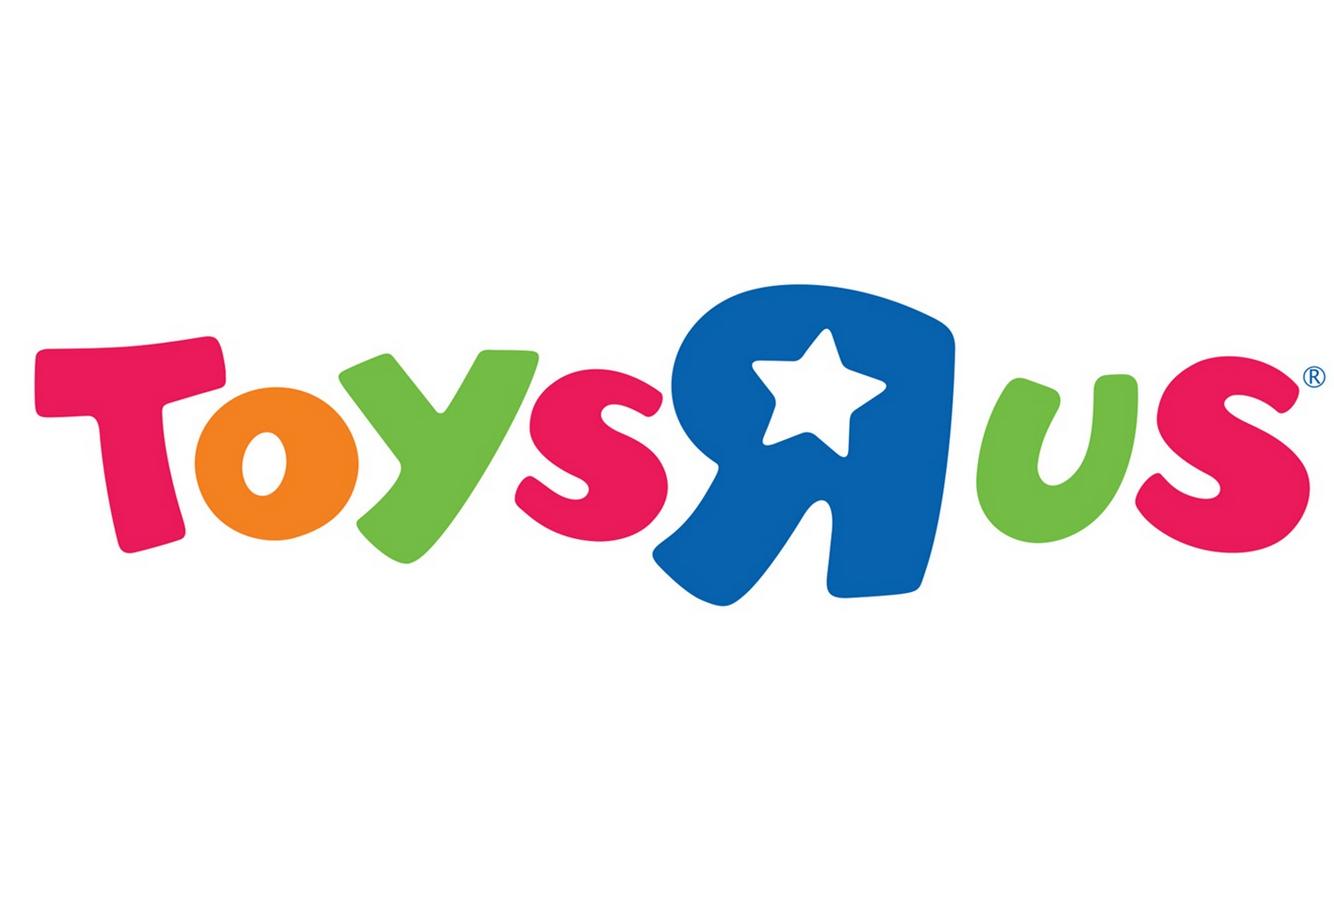 """-25% Descuento en cupón en Toys""""R""""Us"""